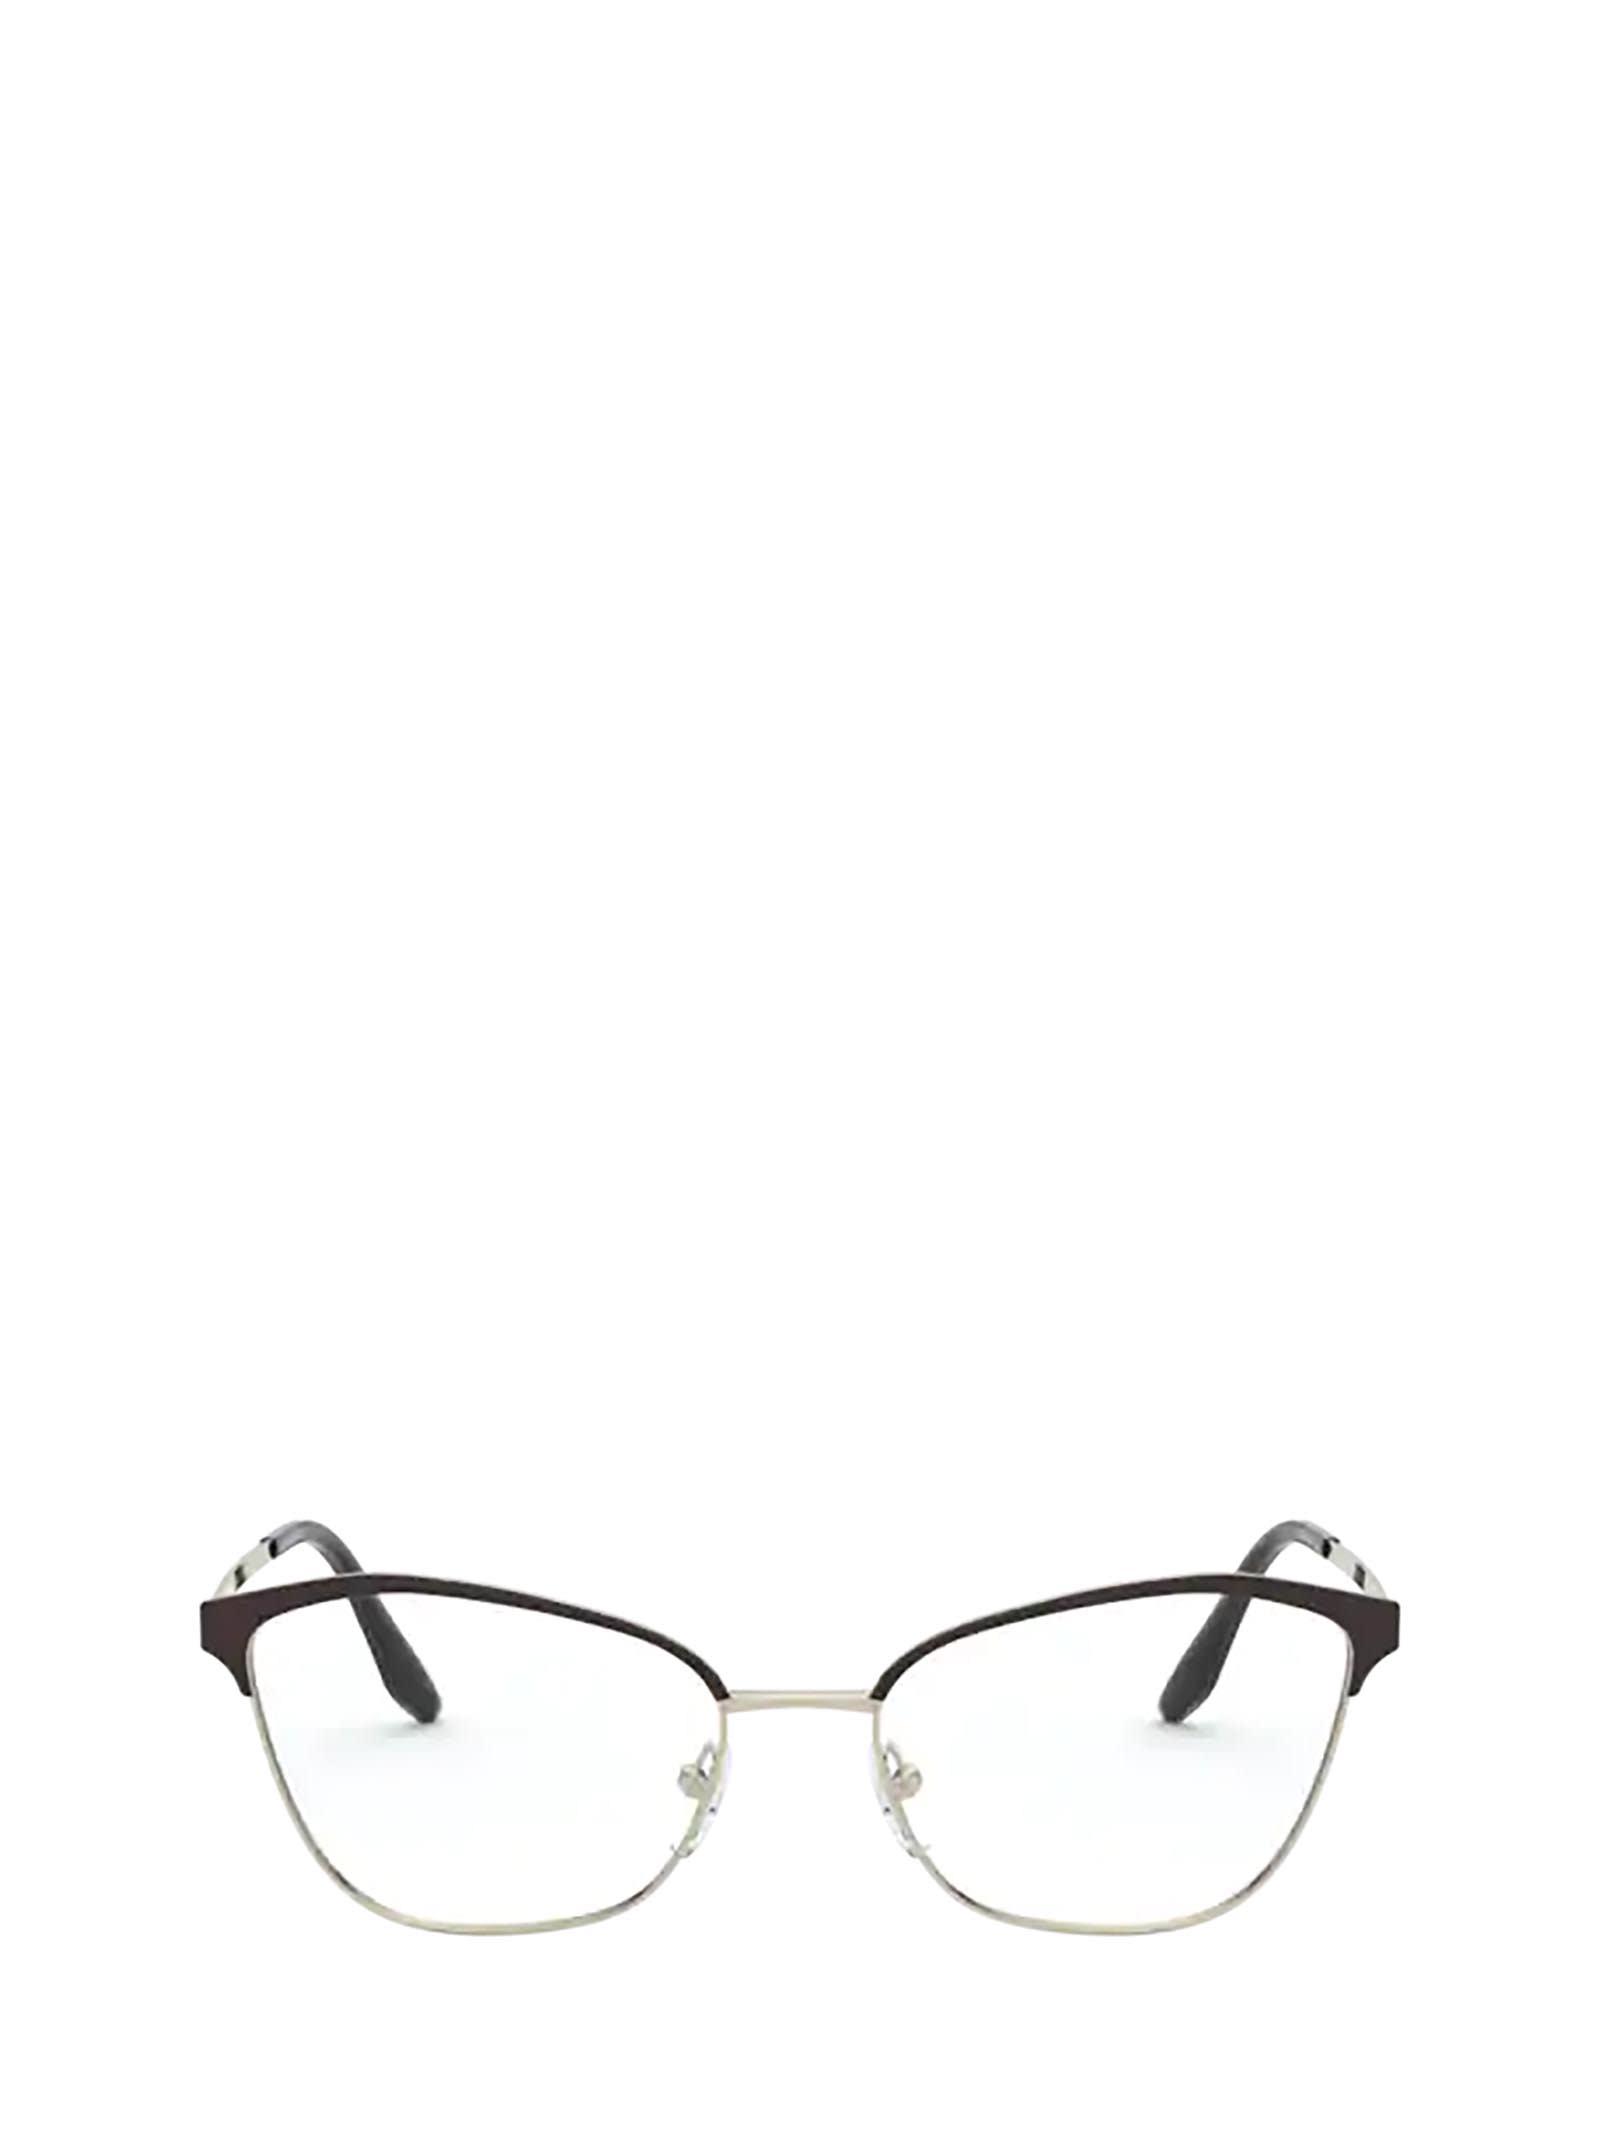 Prada Prada Pr 62xv Black / Light Gold Glasses